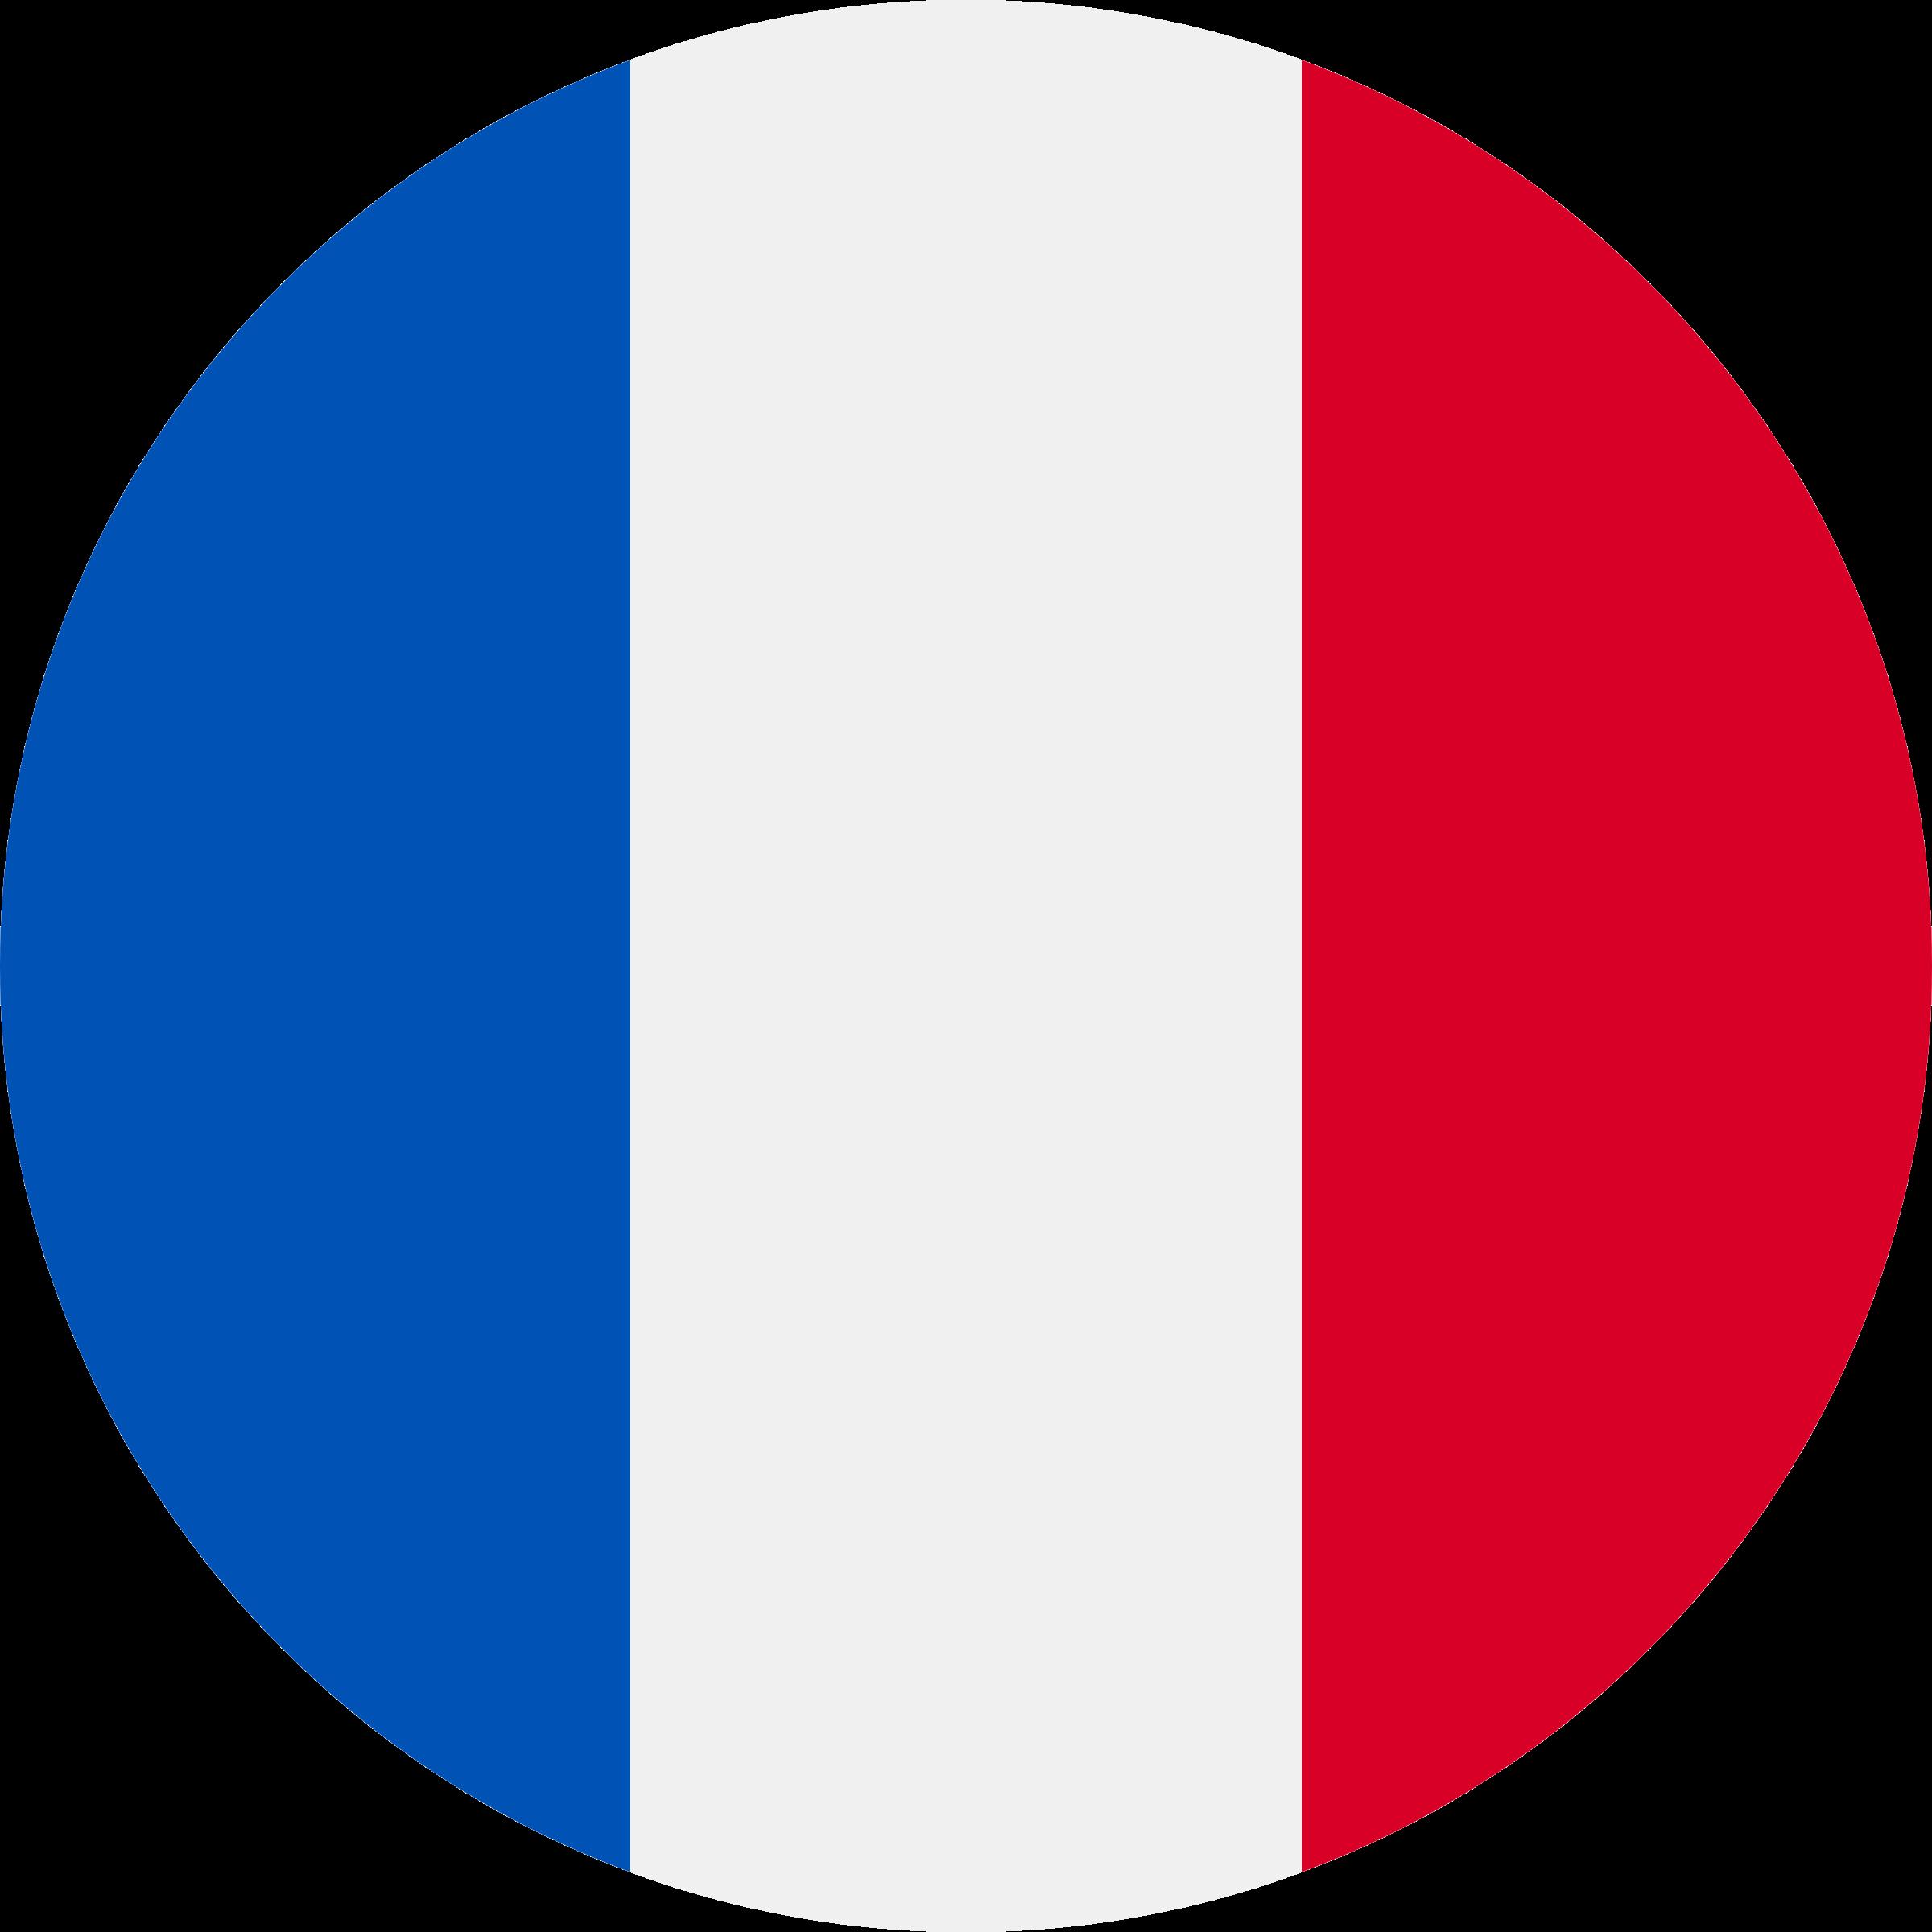 Big image png. France clipart flag